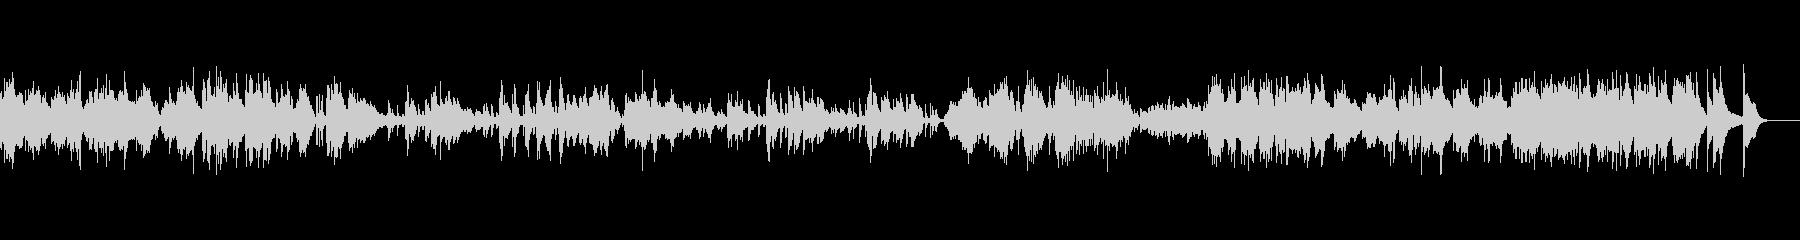 ピアノソロベルガマスク組曲プレリュードの未再生の波形